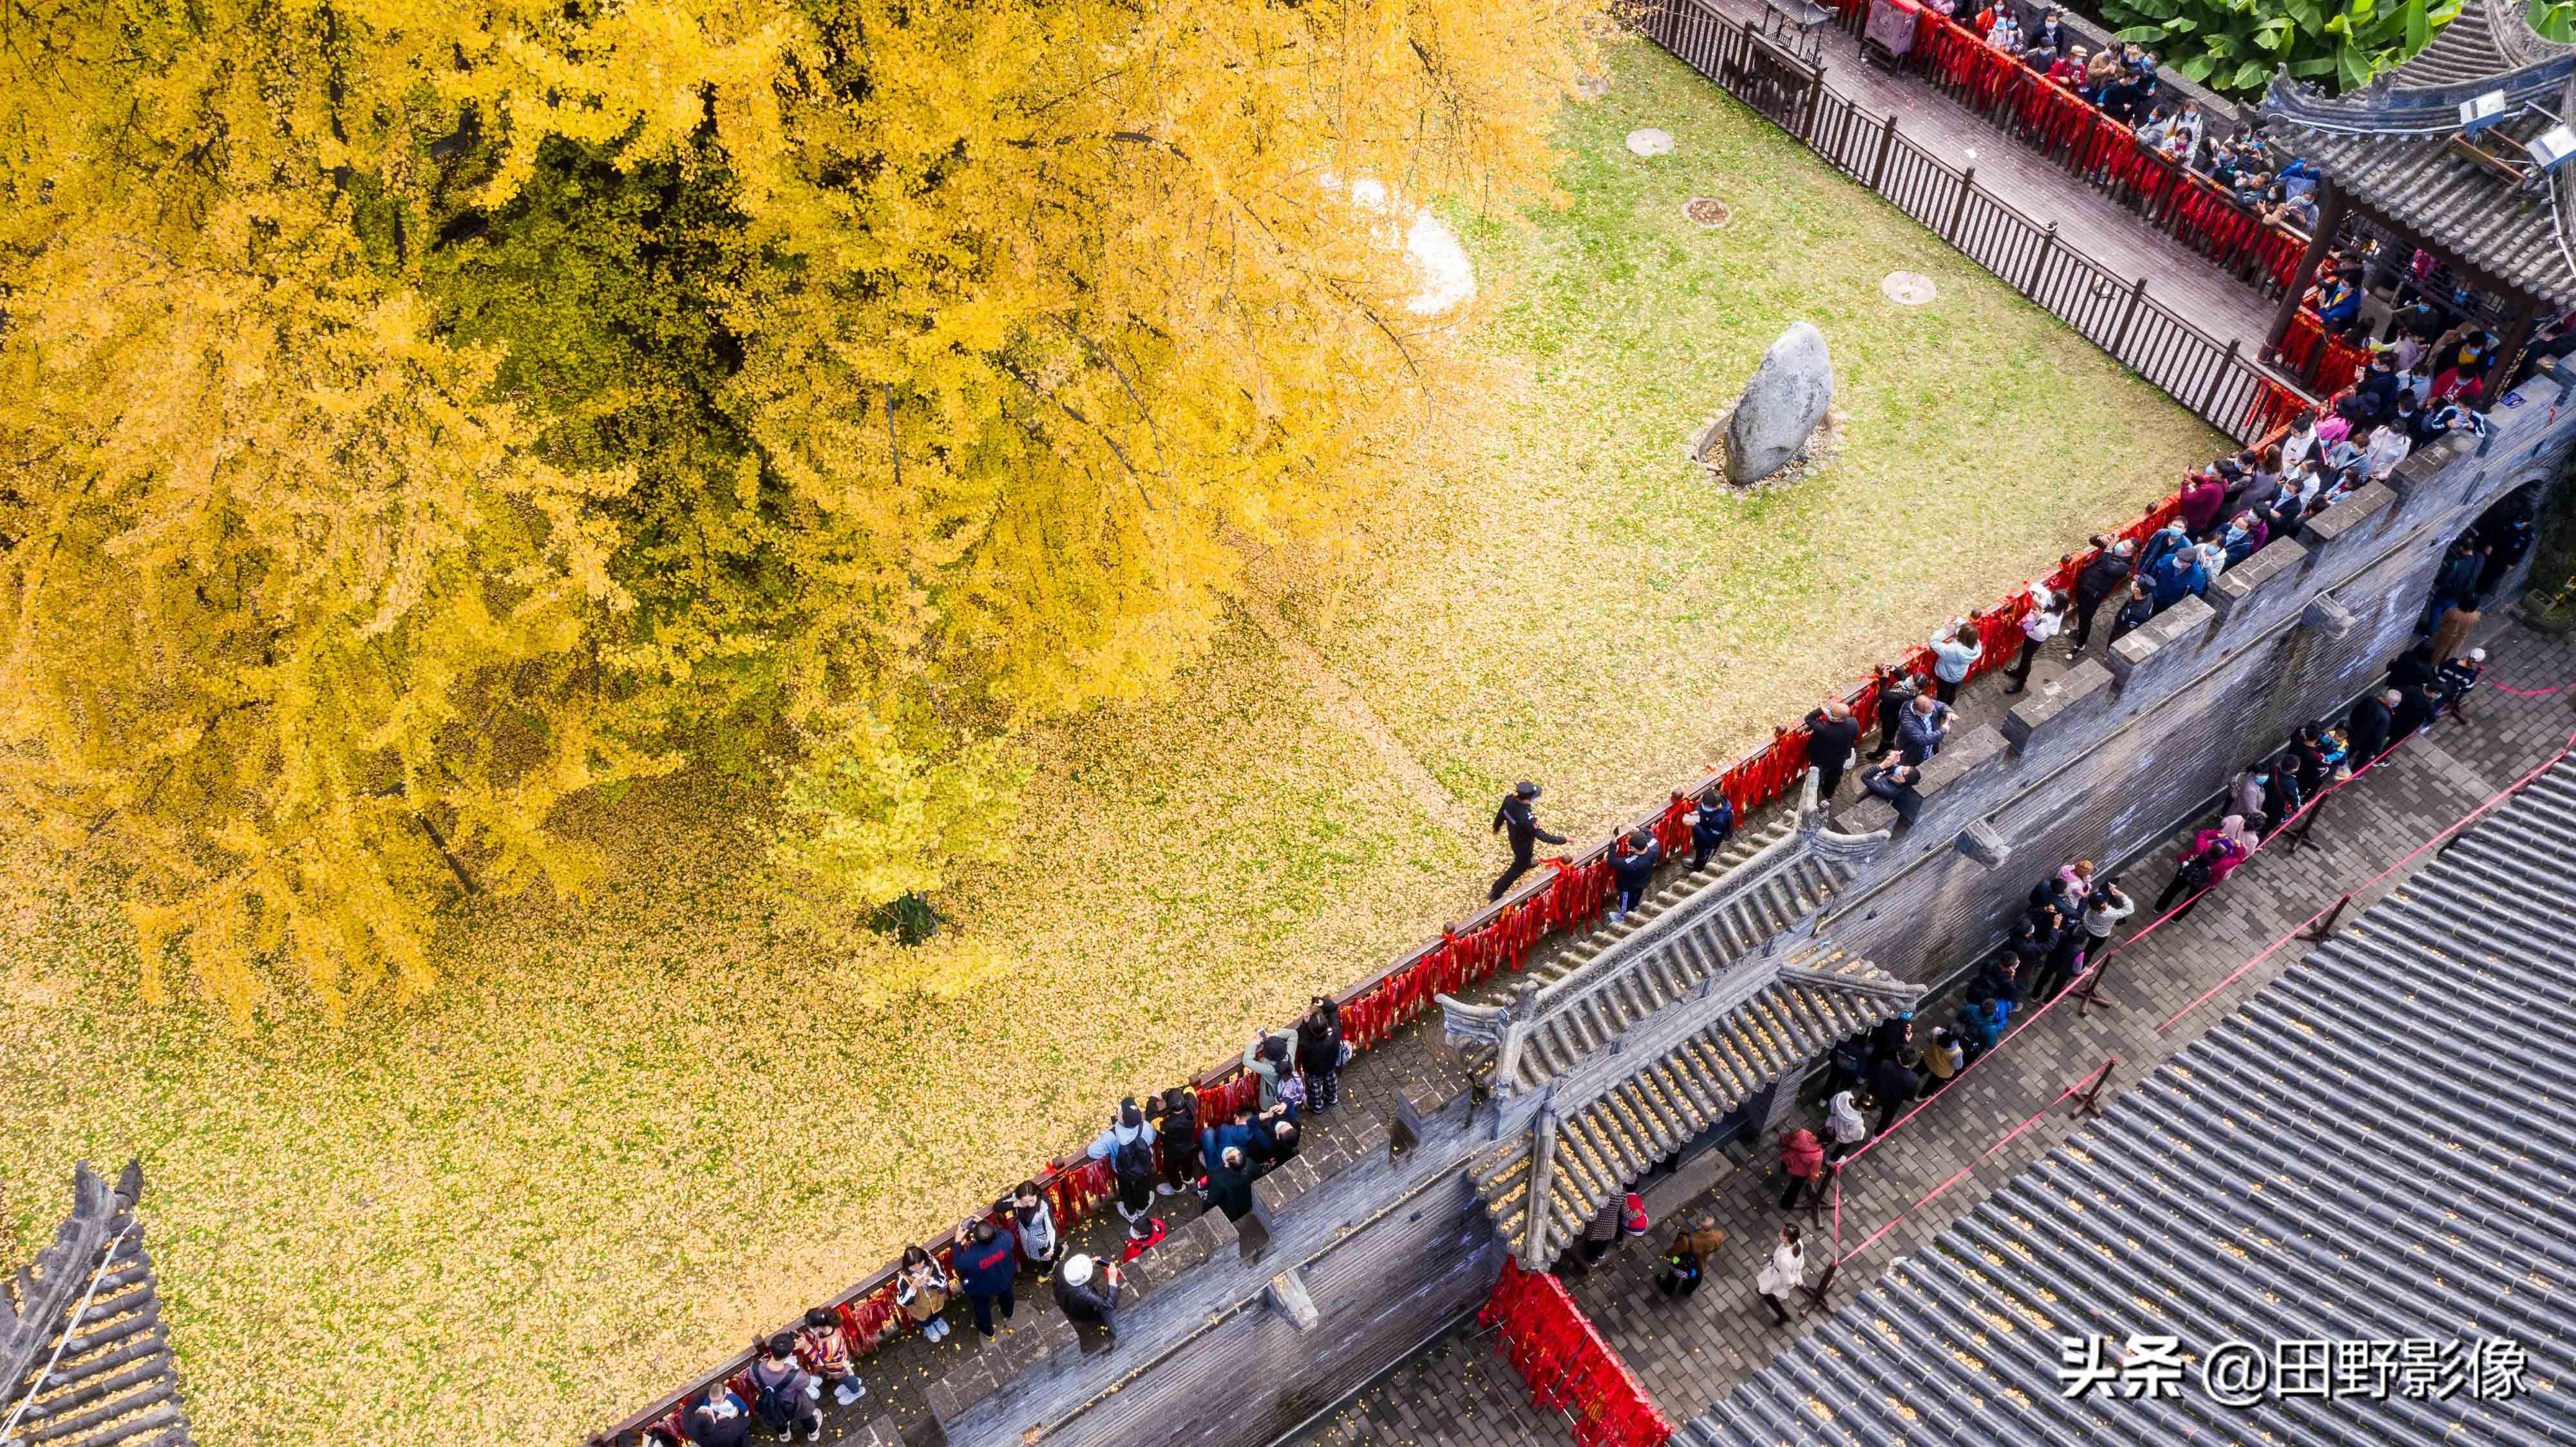 航拍西安唐太宗手植千年银杏 树叶全黄如铺金毯